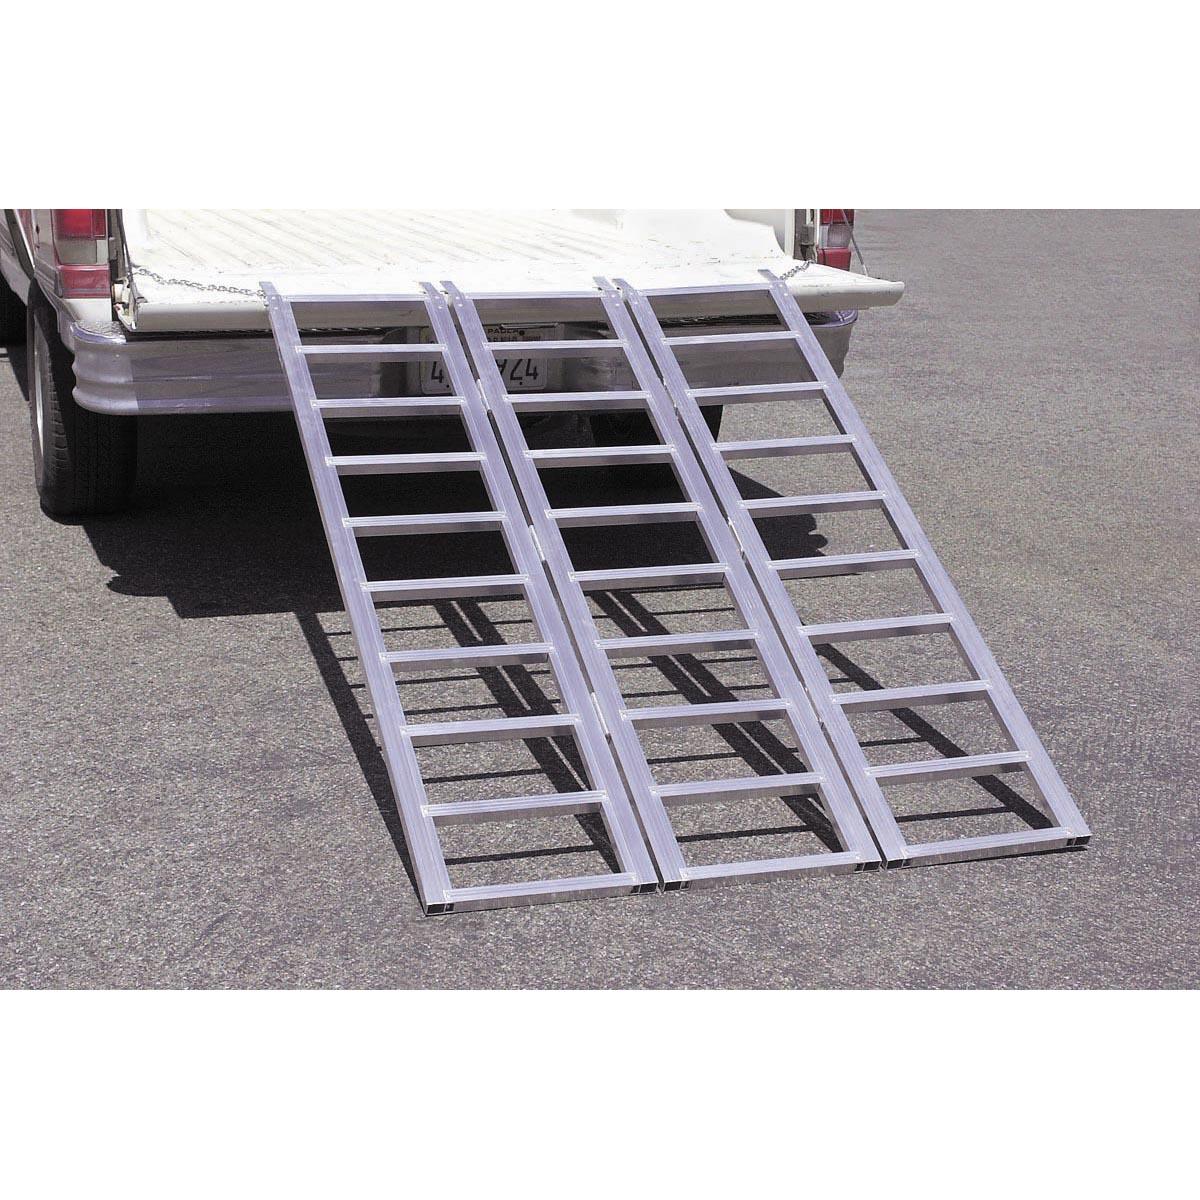 Aluminum Folding Ramps >> 1500 lbs. Capacity Tri-Fold Aluminum Loading Ramp